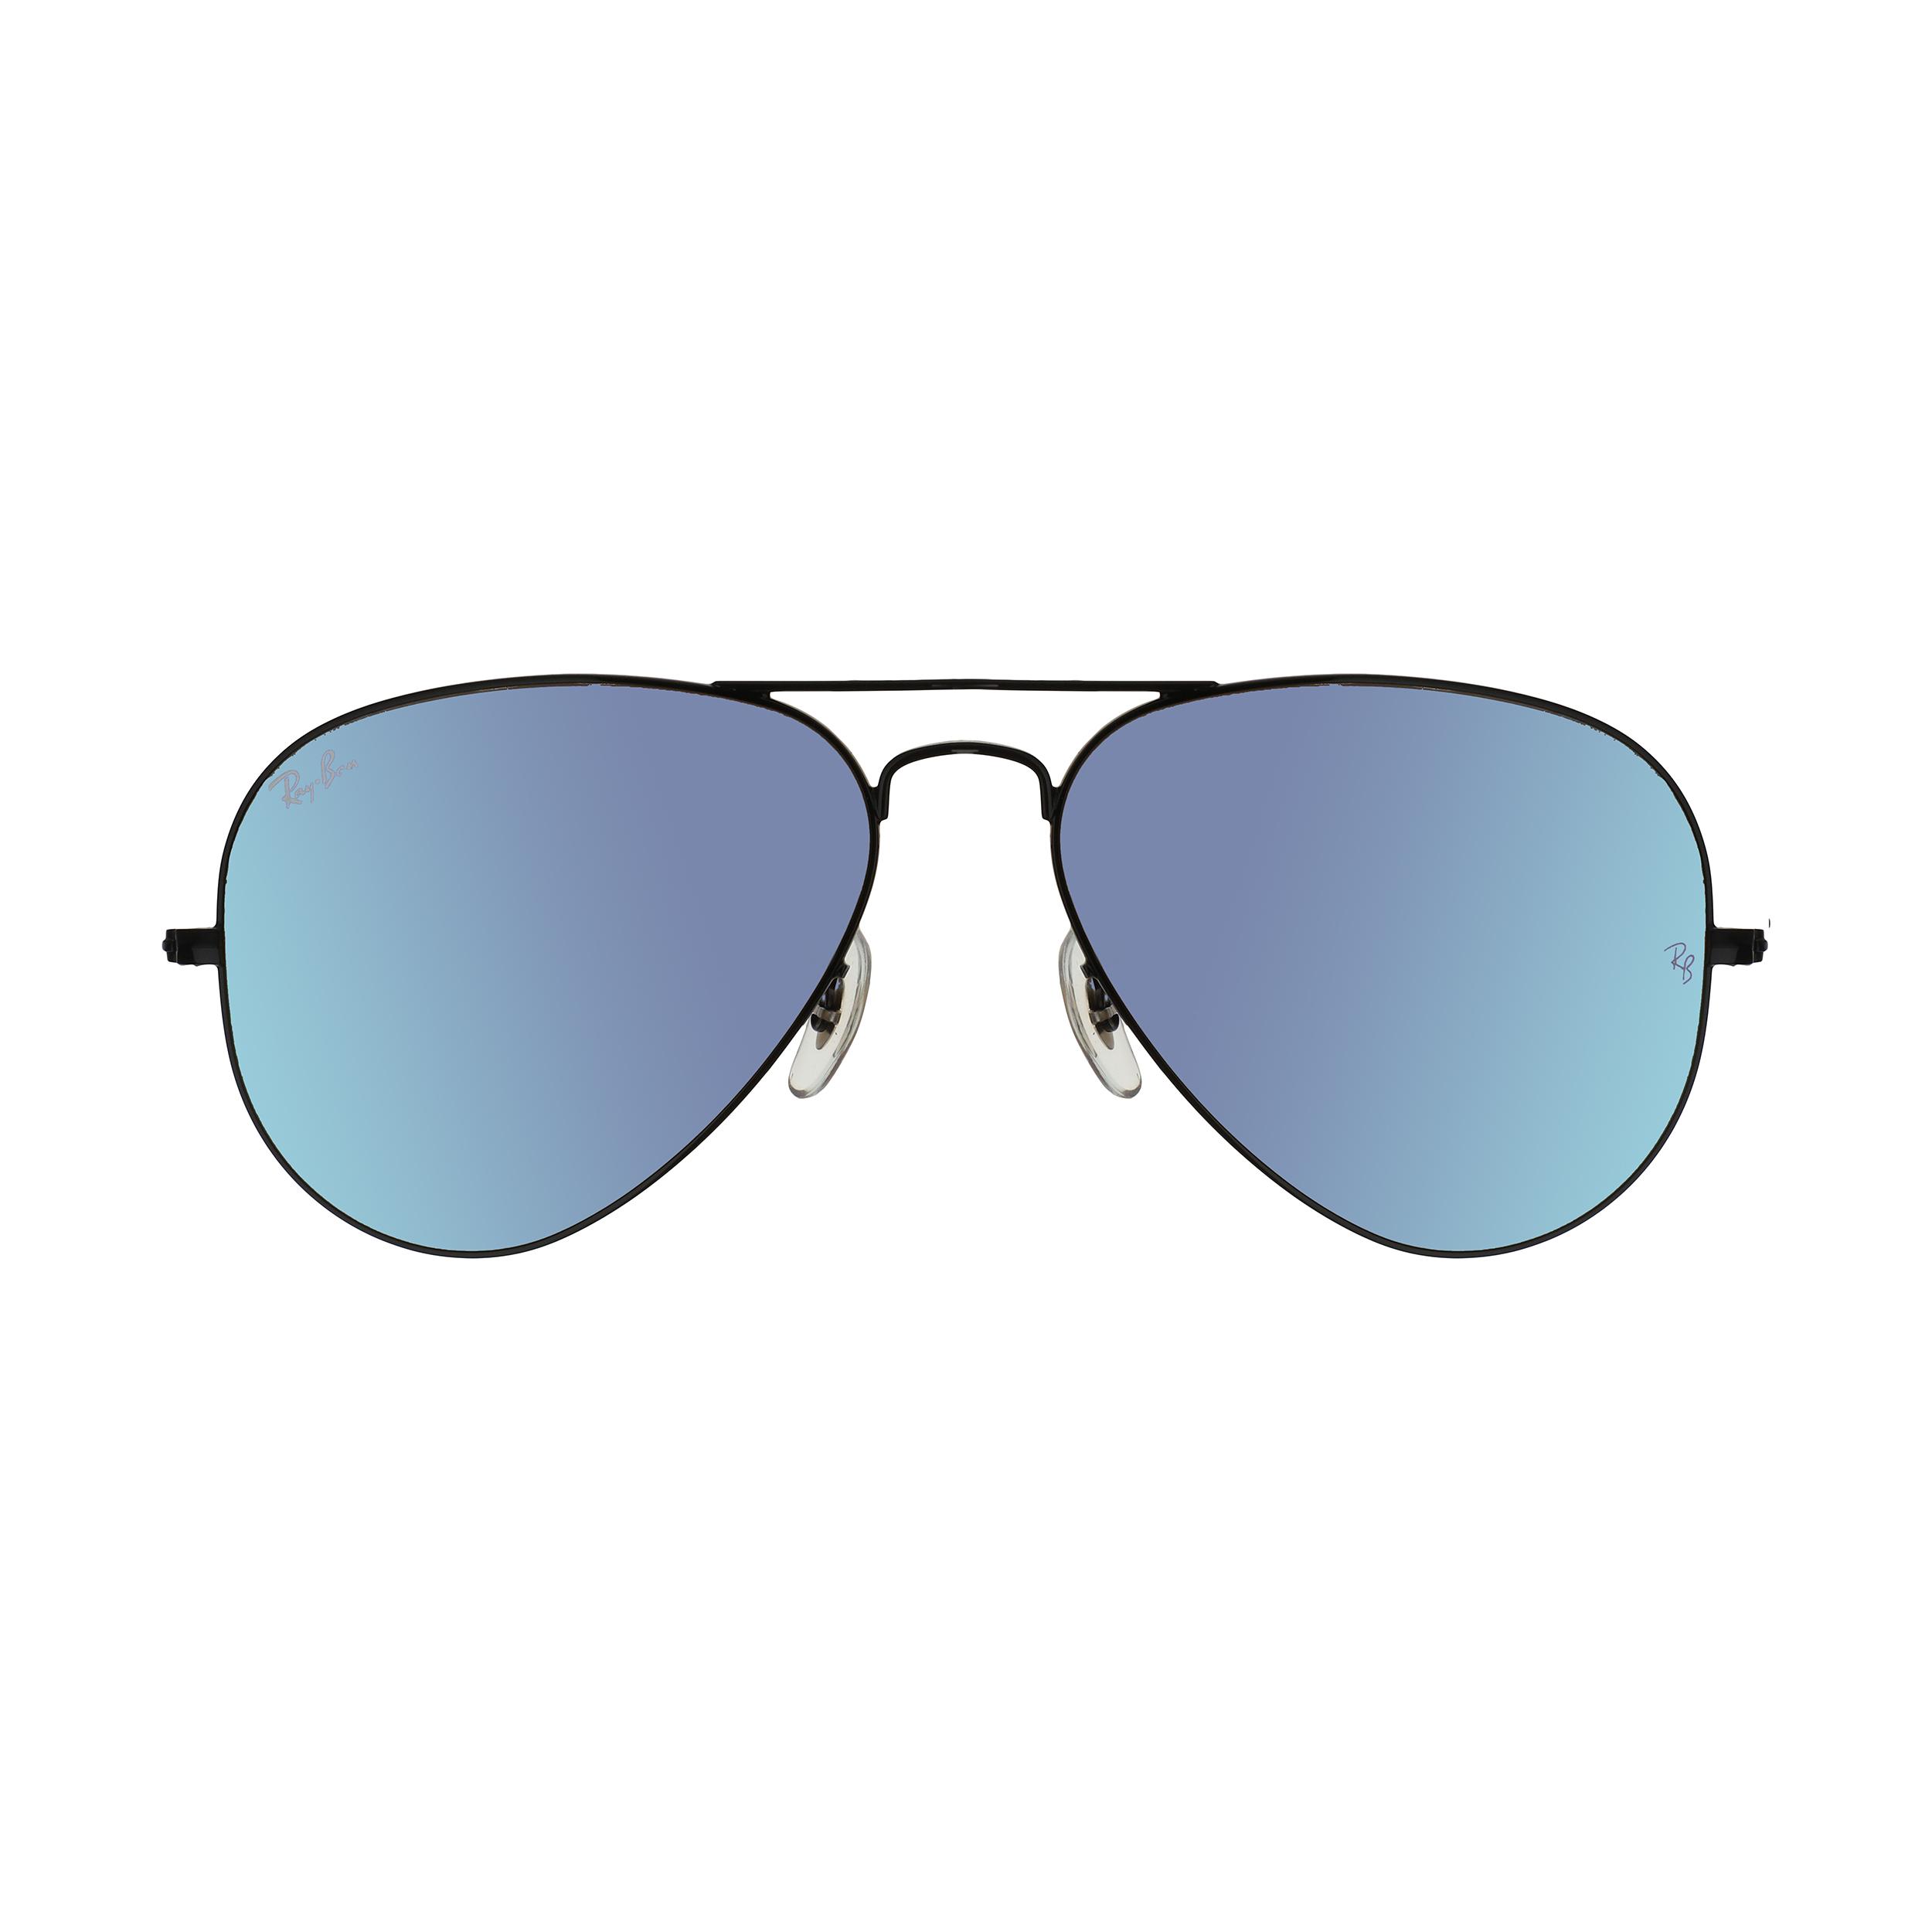 عینک آفتابی ری بن مدل 3025 002/40-58